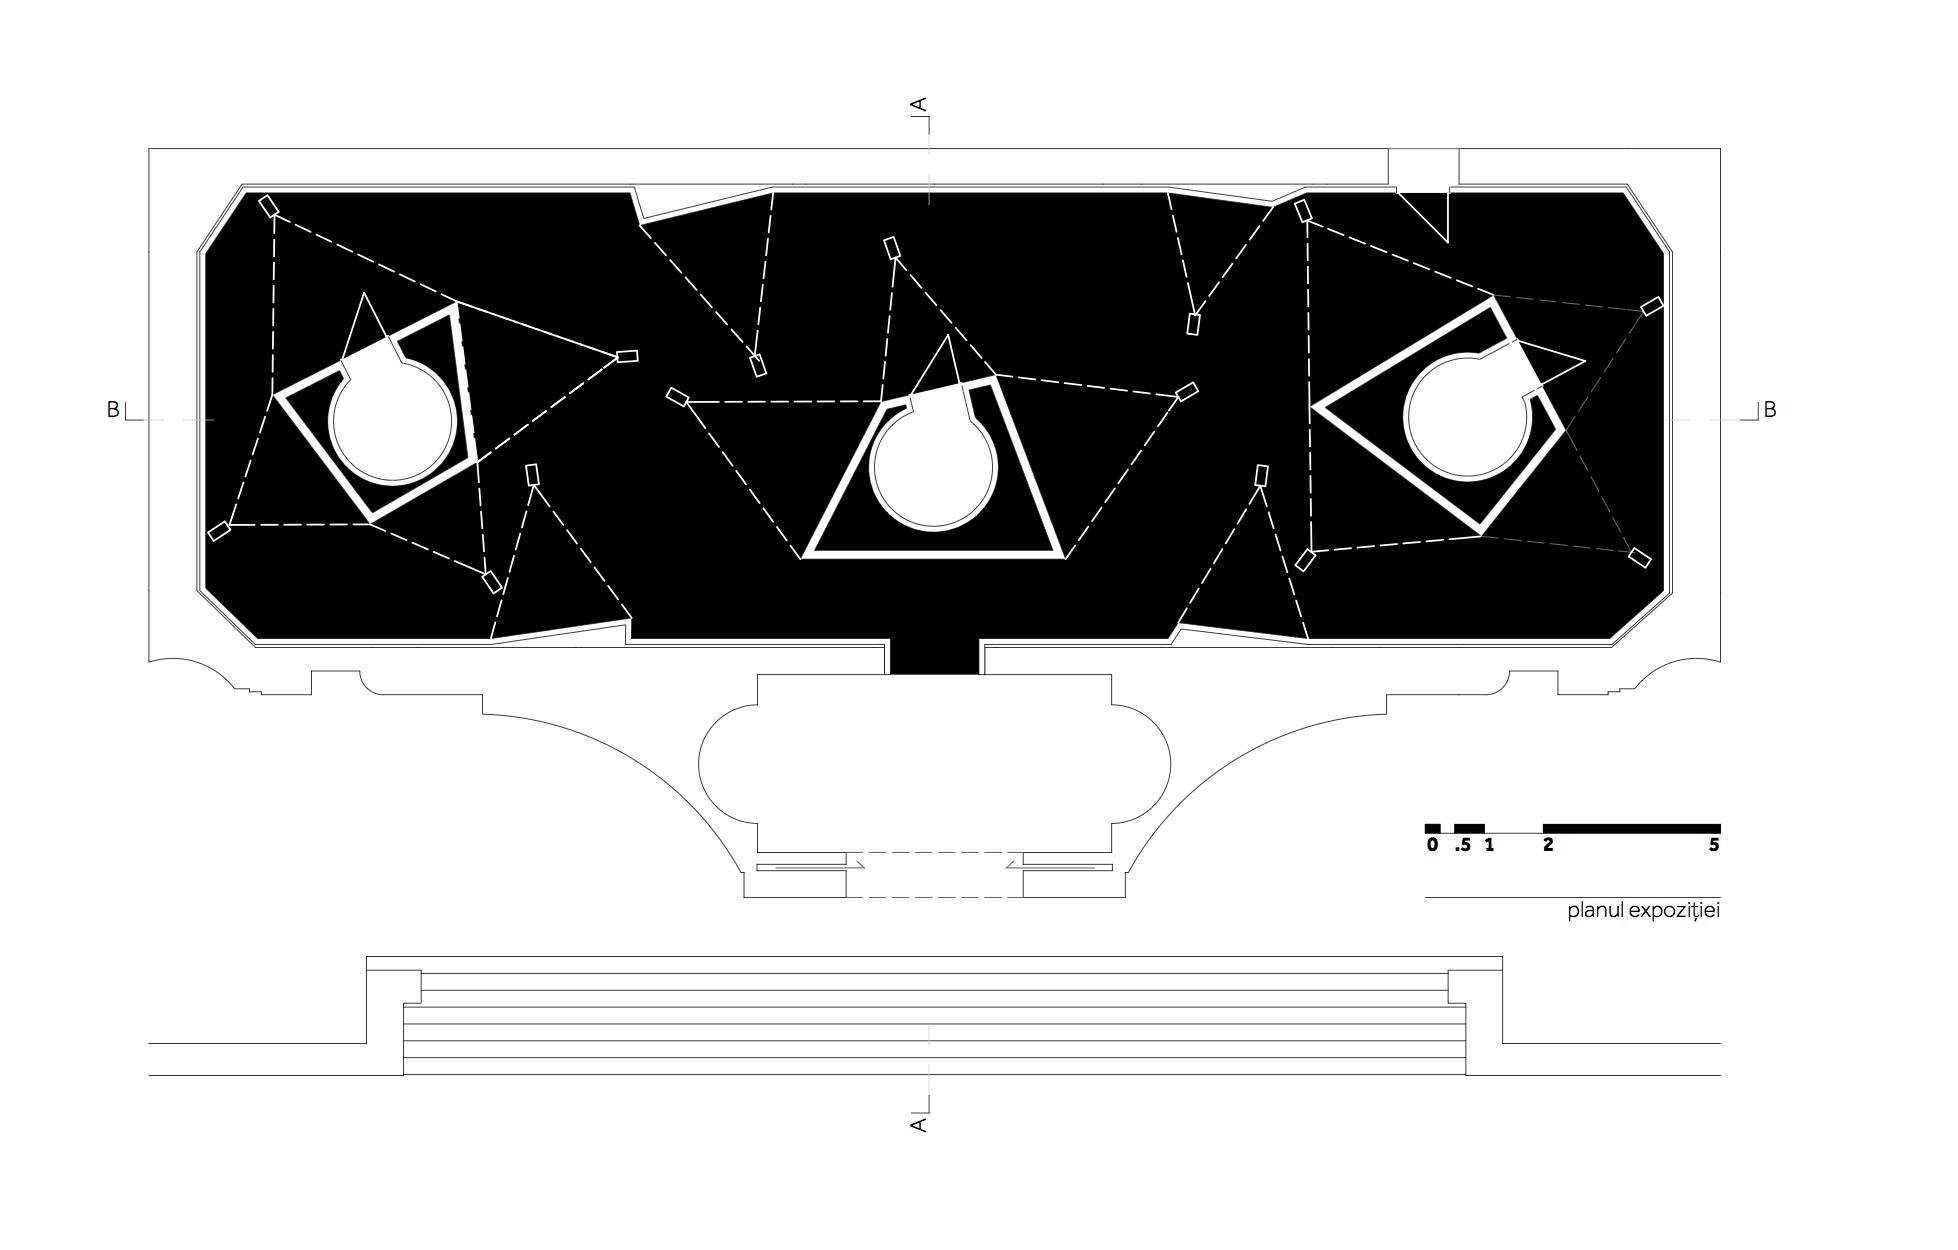 MHS - Bienala de la Venetia - W.02 Plan_ro